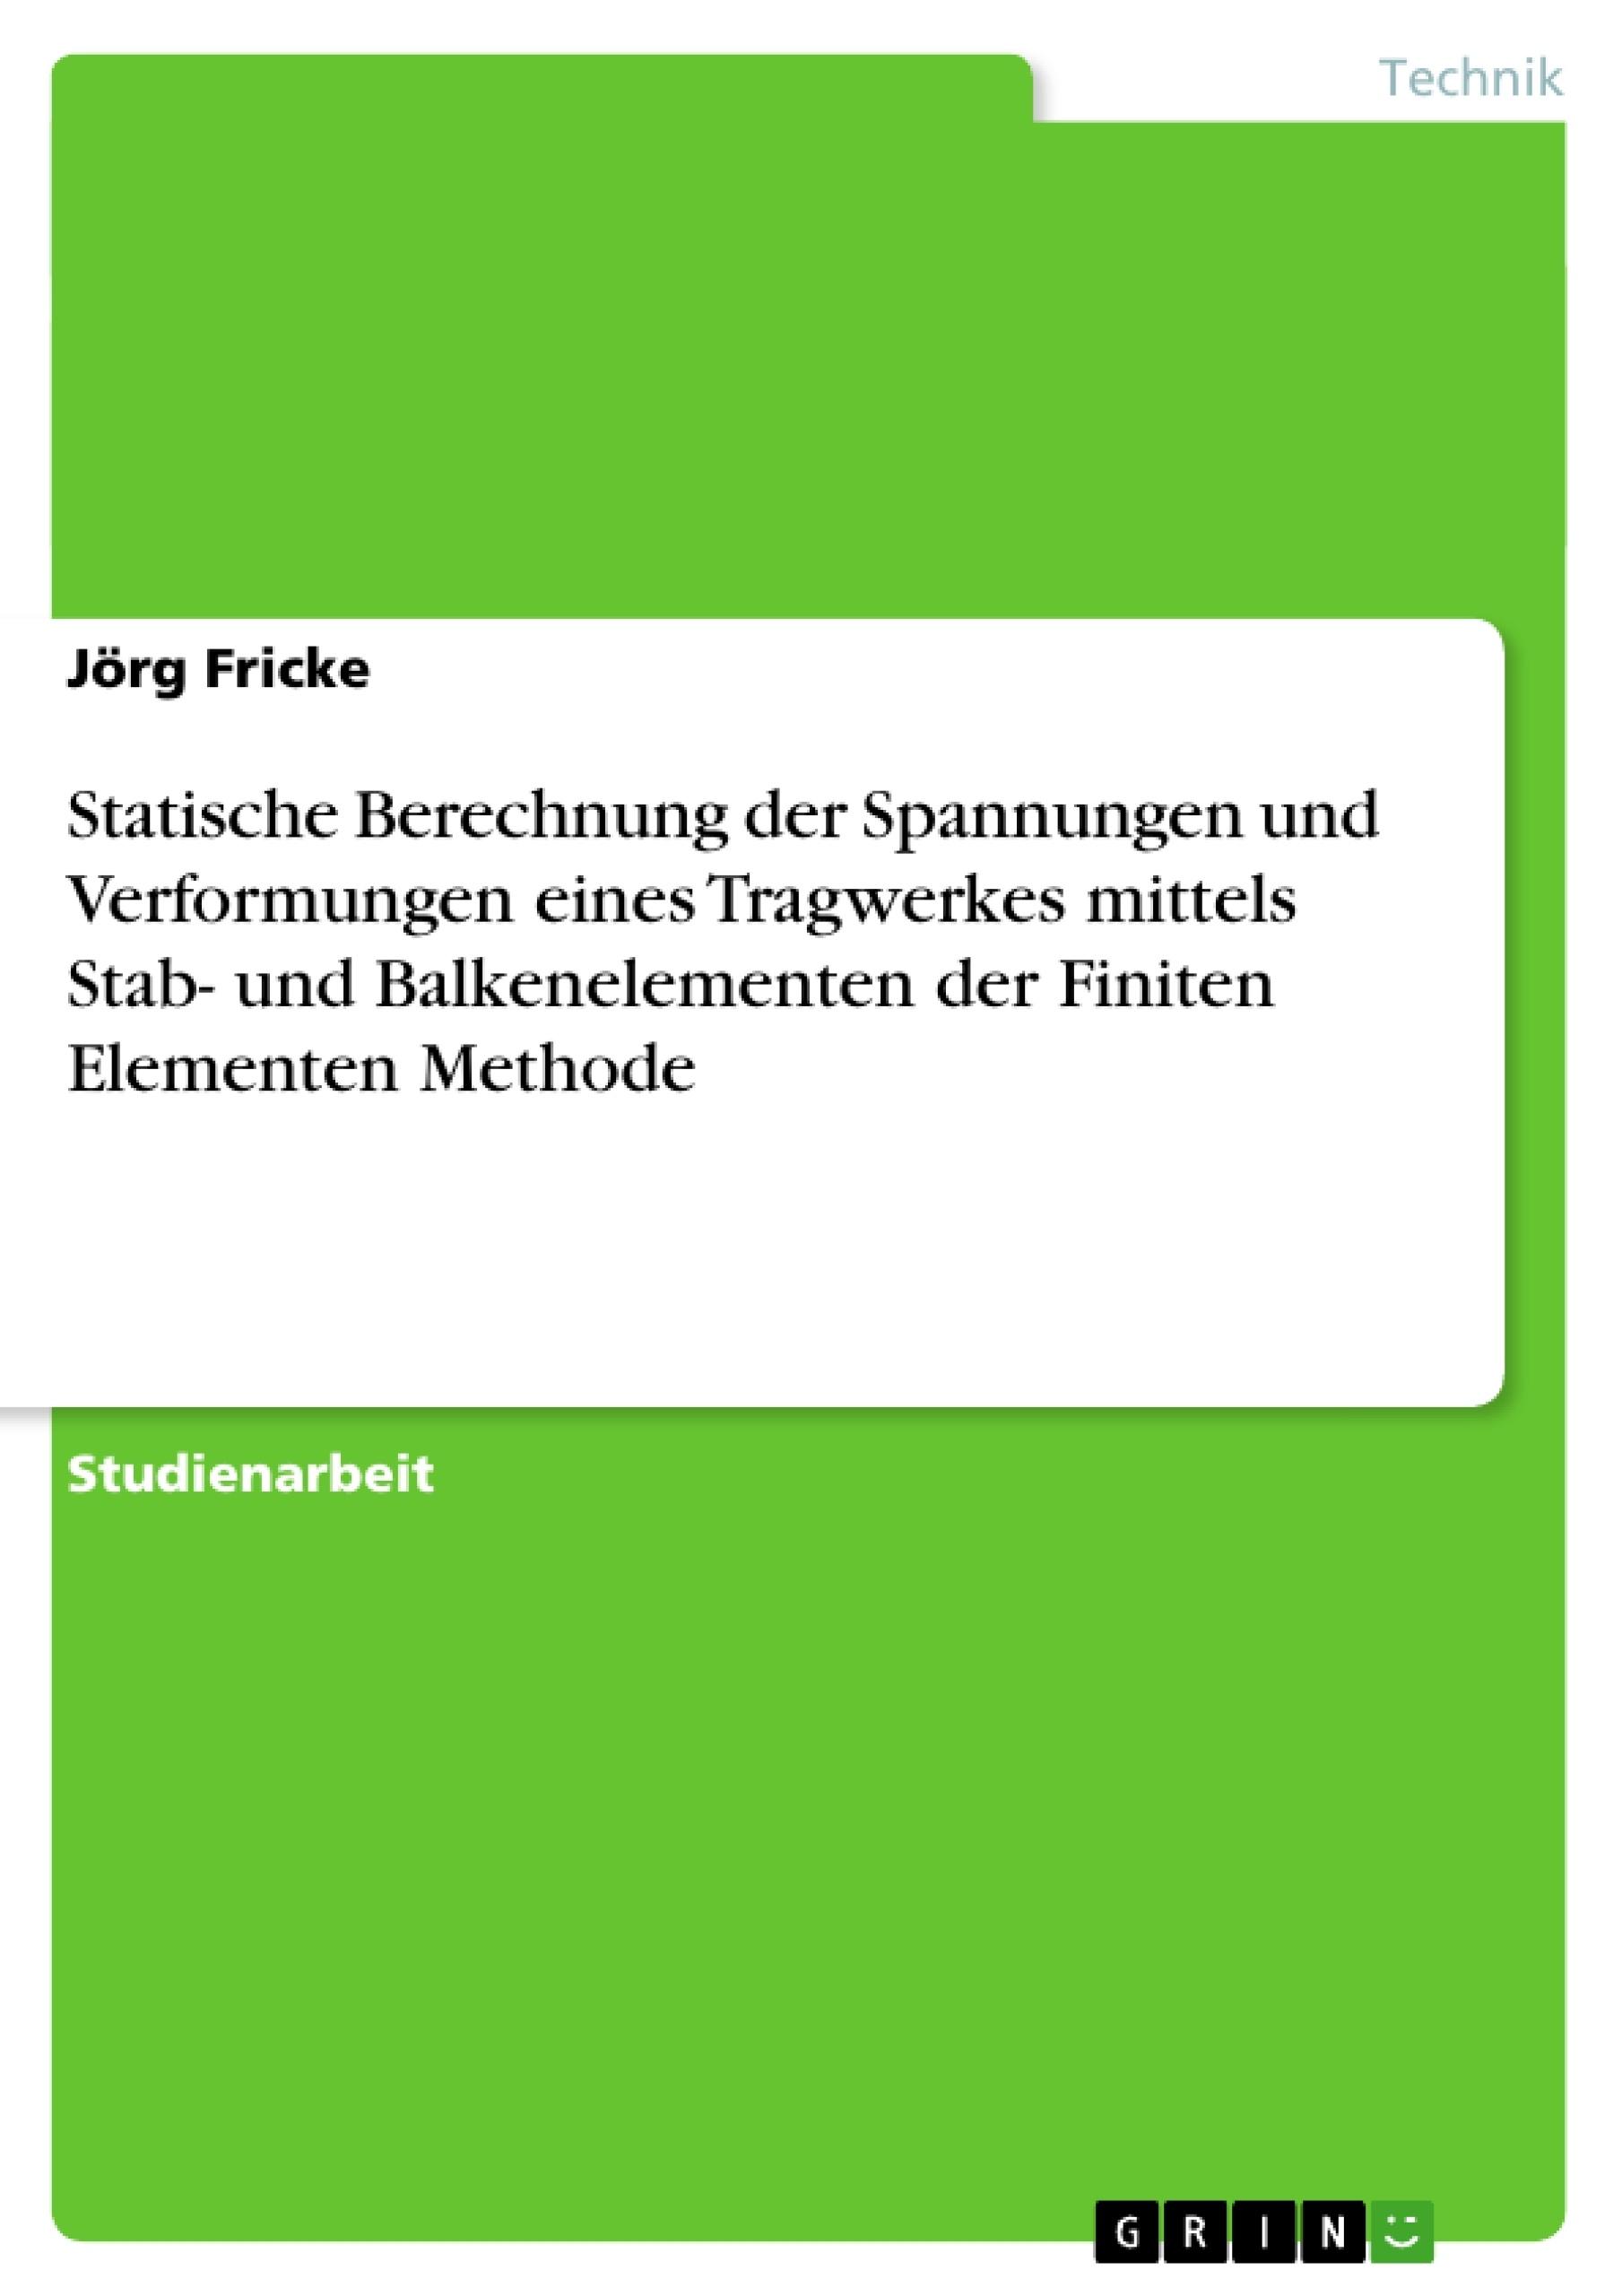 Titel: Statische Berechnung der Spannungen und Verformungen eines Tragwerkes mittels Stab- und Balkenelementen der Finiten Elementen Methode